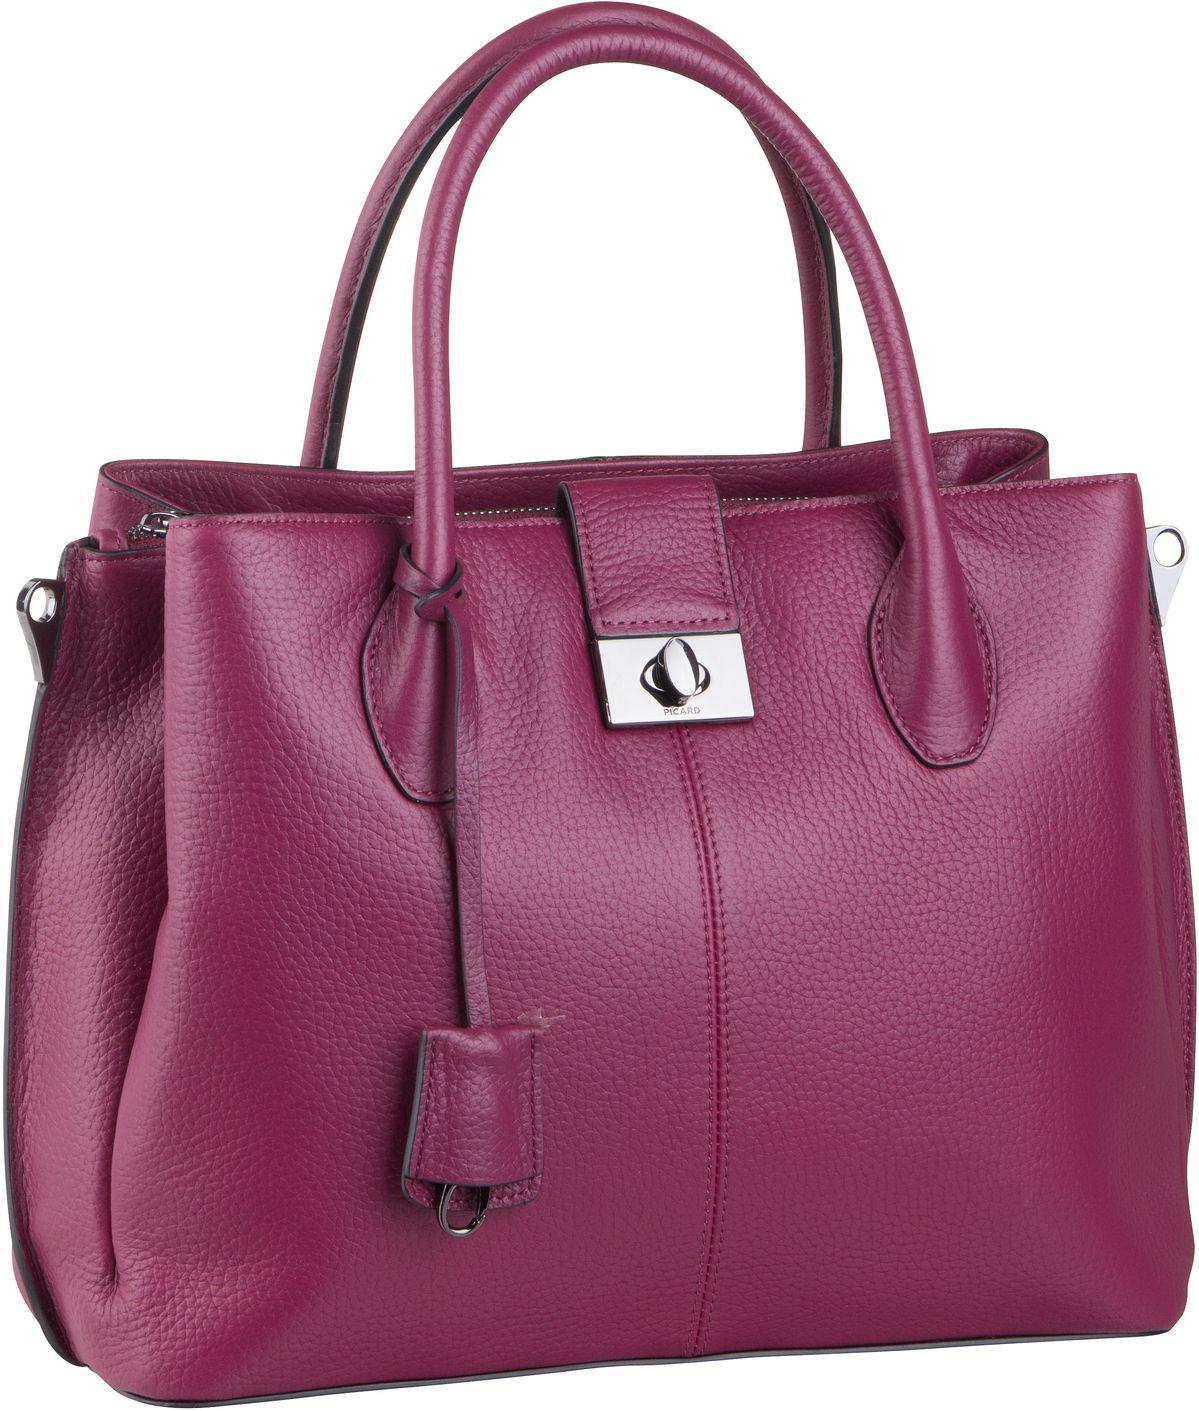 Handtasche Prime 9569 Berry